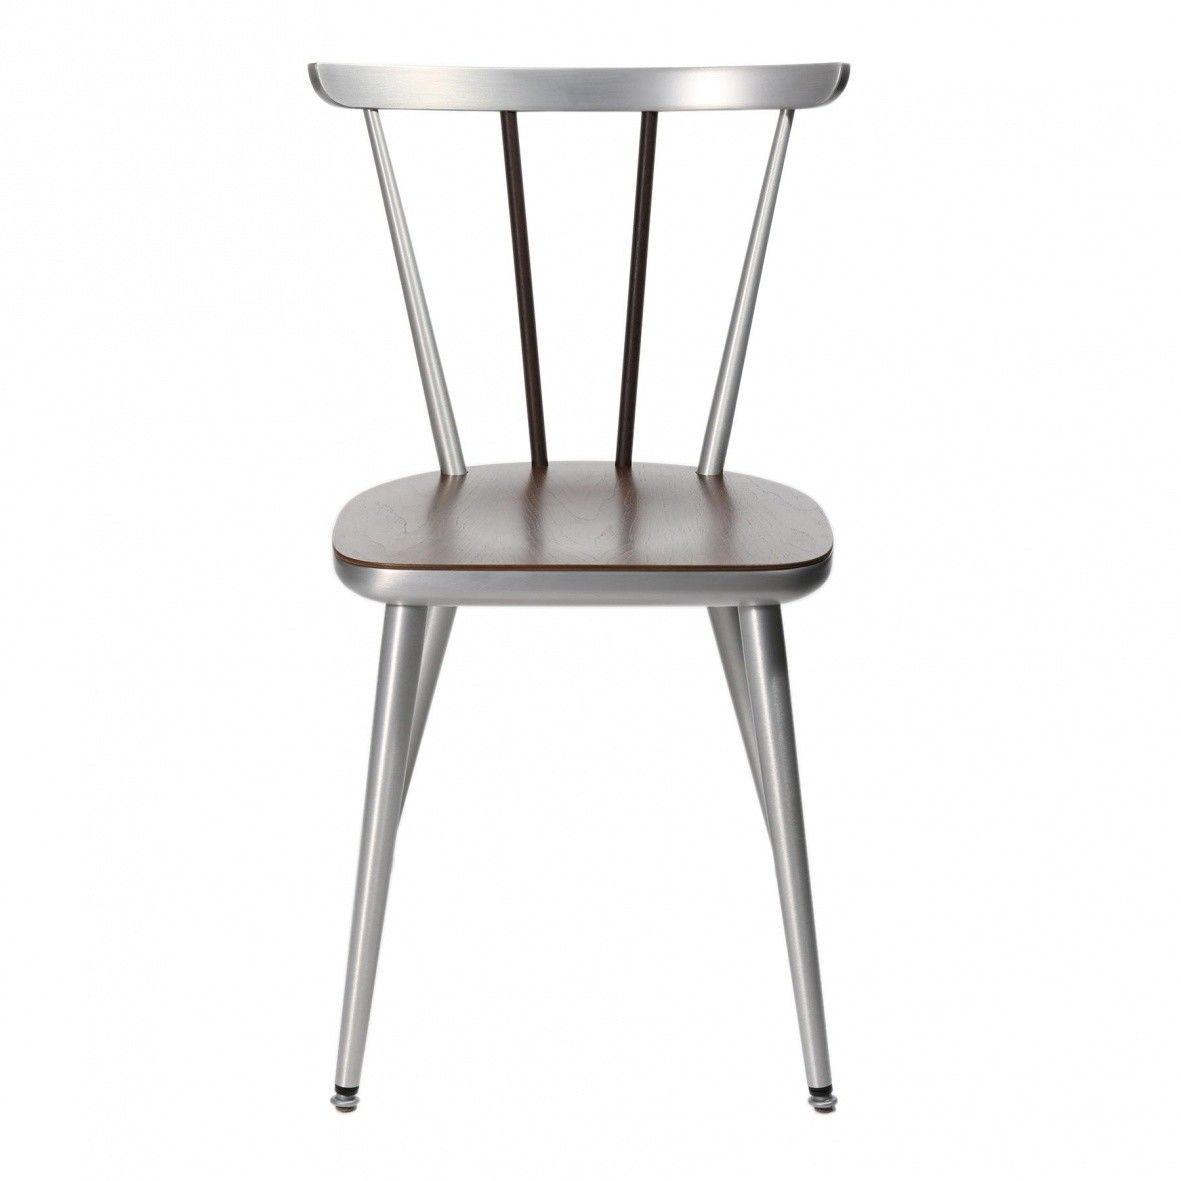 w 1960 stuhl wagner st hle sitzm bel m bel. Black Bedroom Furniture Sets. Home Design Ideas